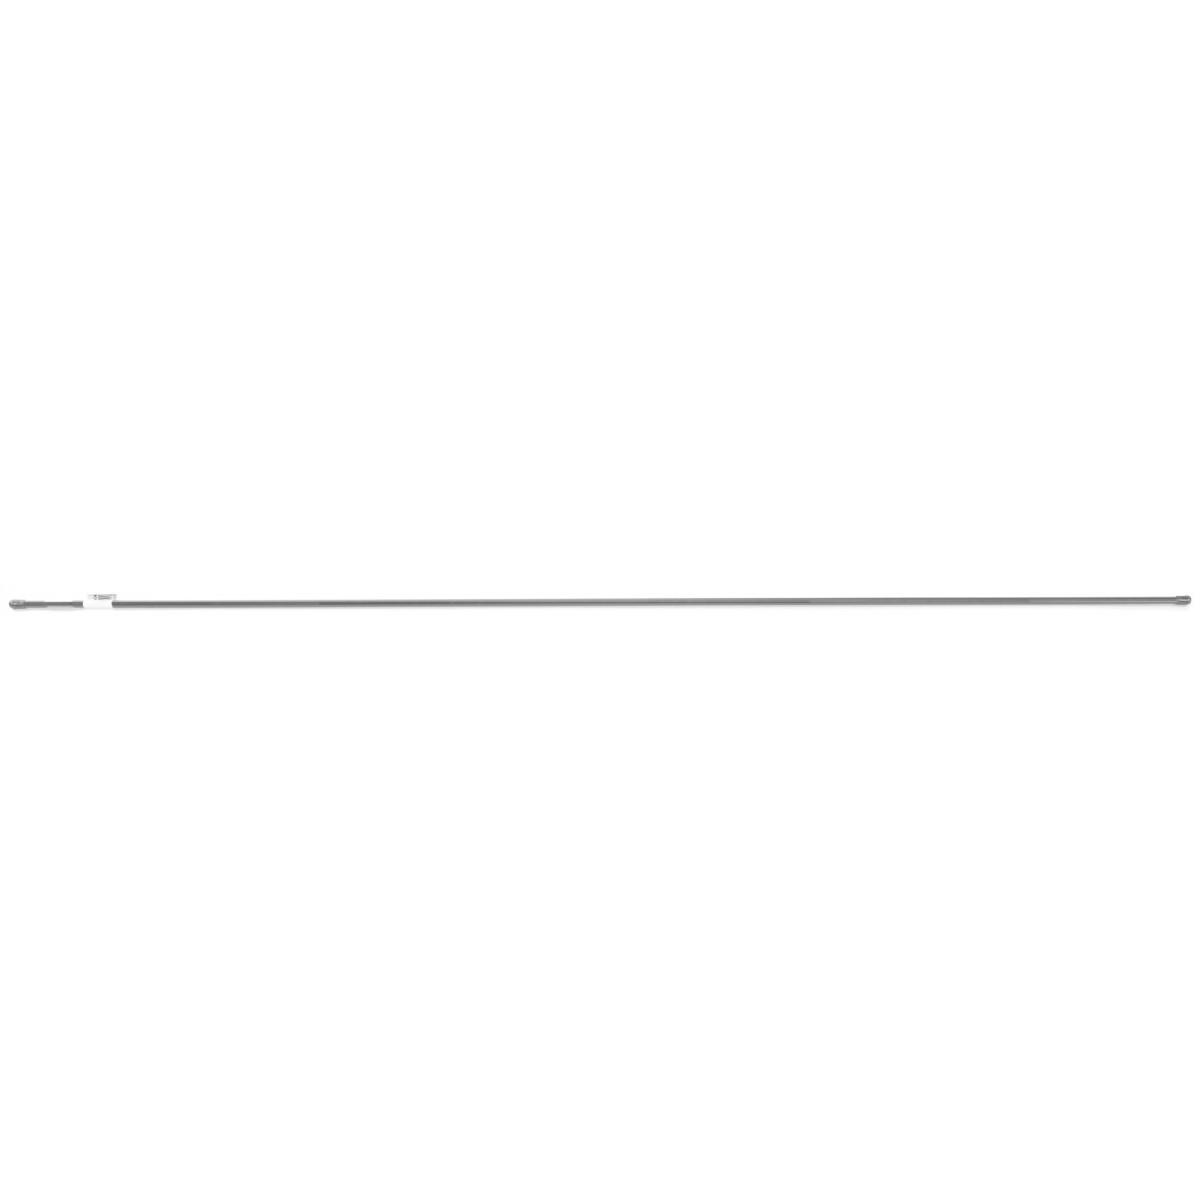 Barre de tension galvanisée Filiac - Hauteur 1,55 m - Diamètre 8 mm